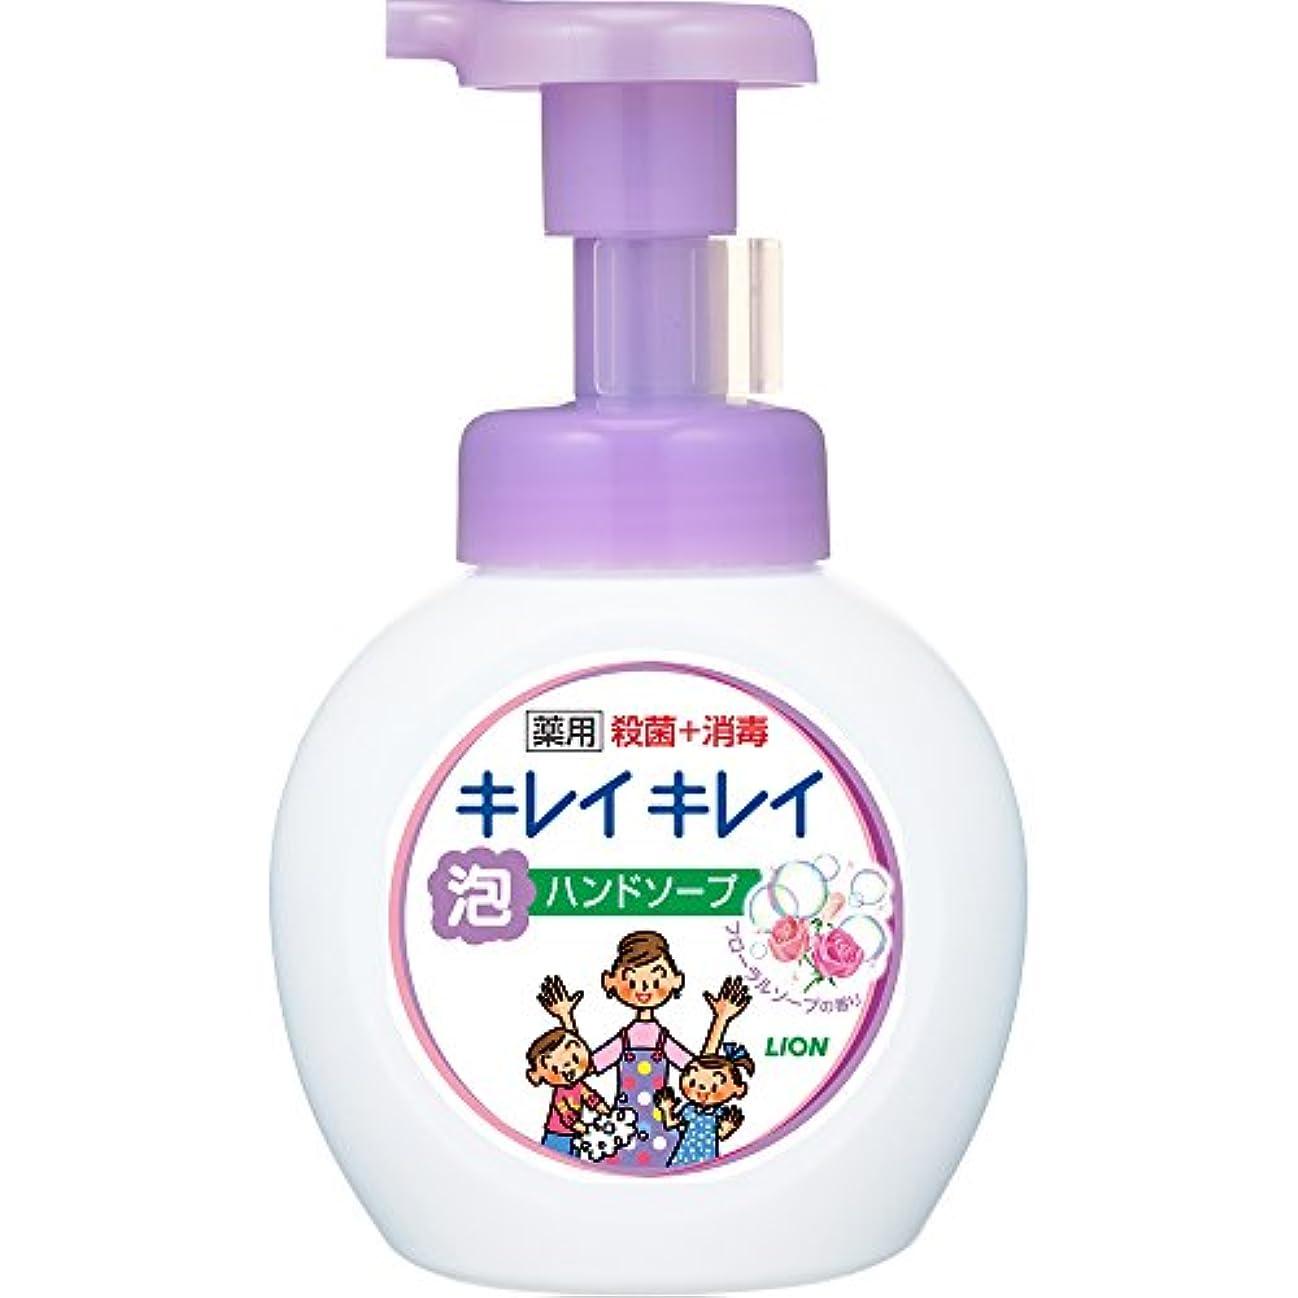 フラフープルール教育するキレイキレイ 薬用 泡ハンドソープ フローラルソープの香り 本体ポンプ 250ml(医薬部外品)